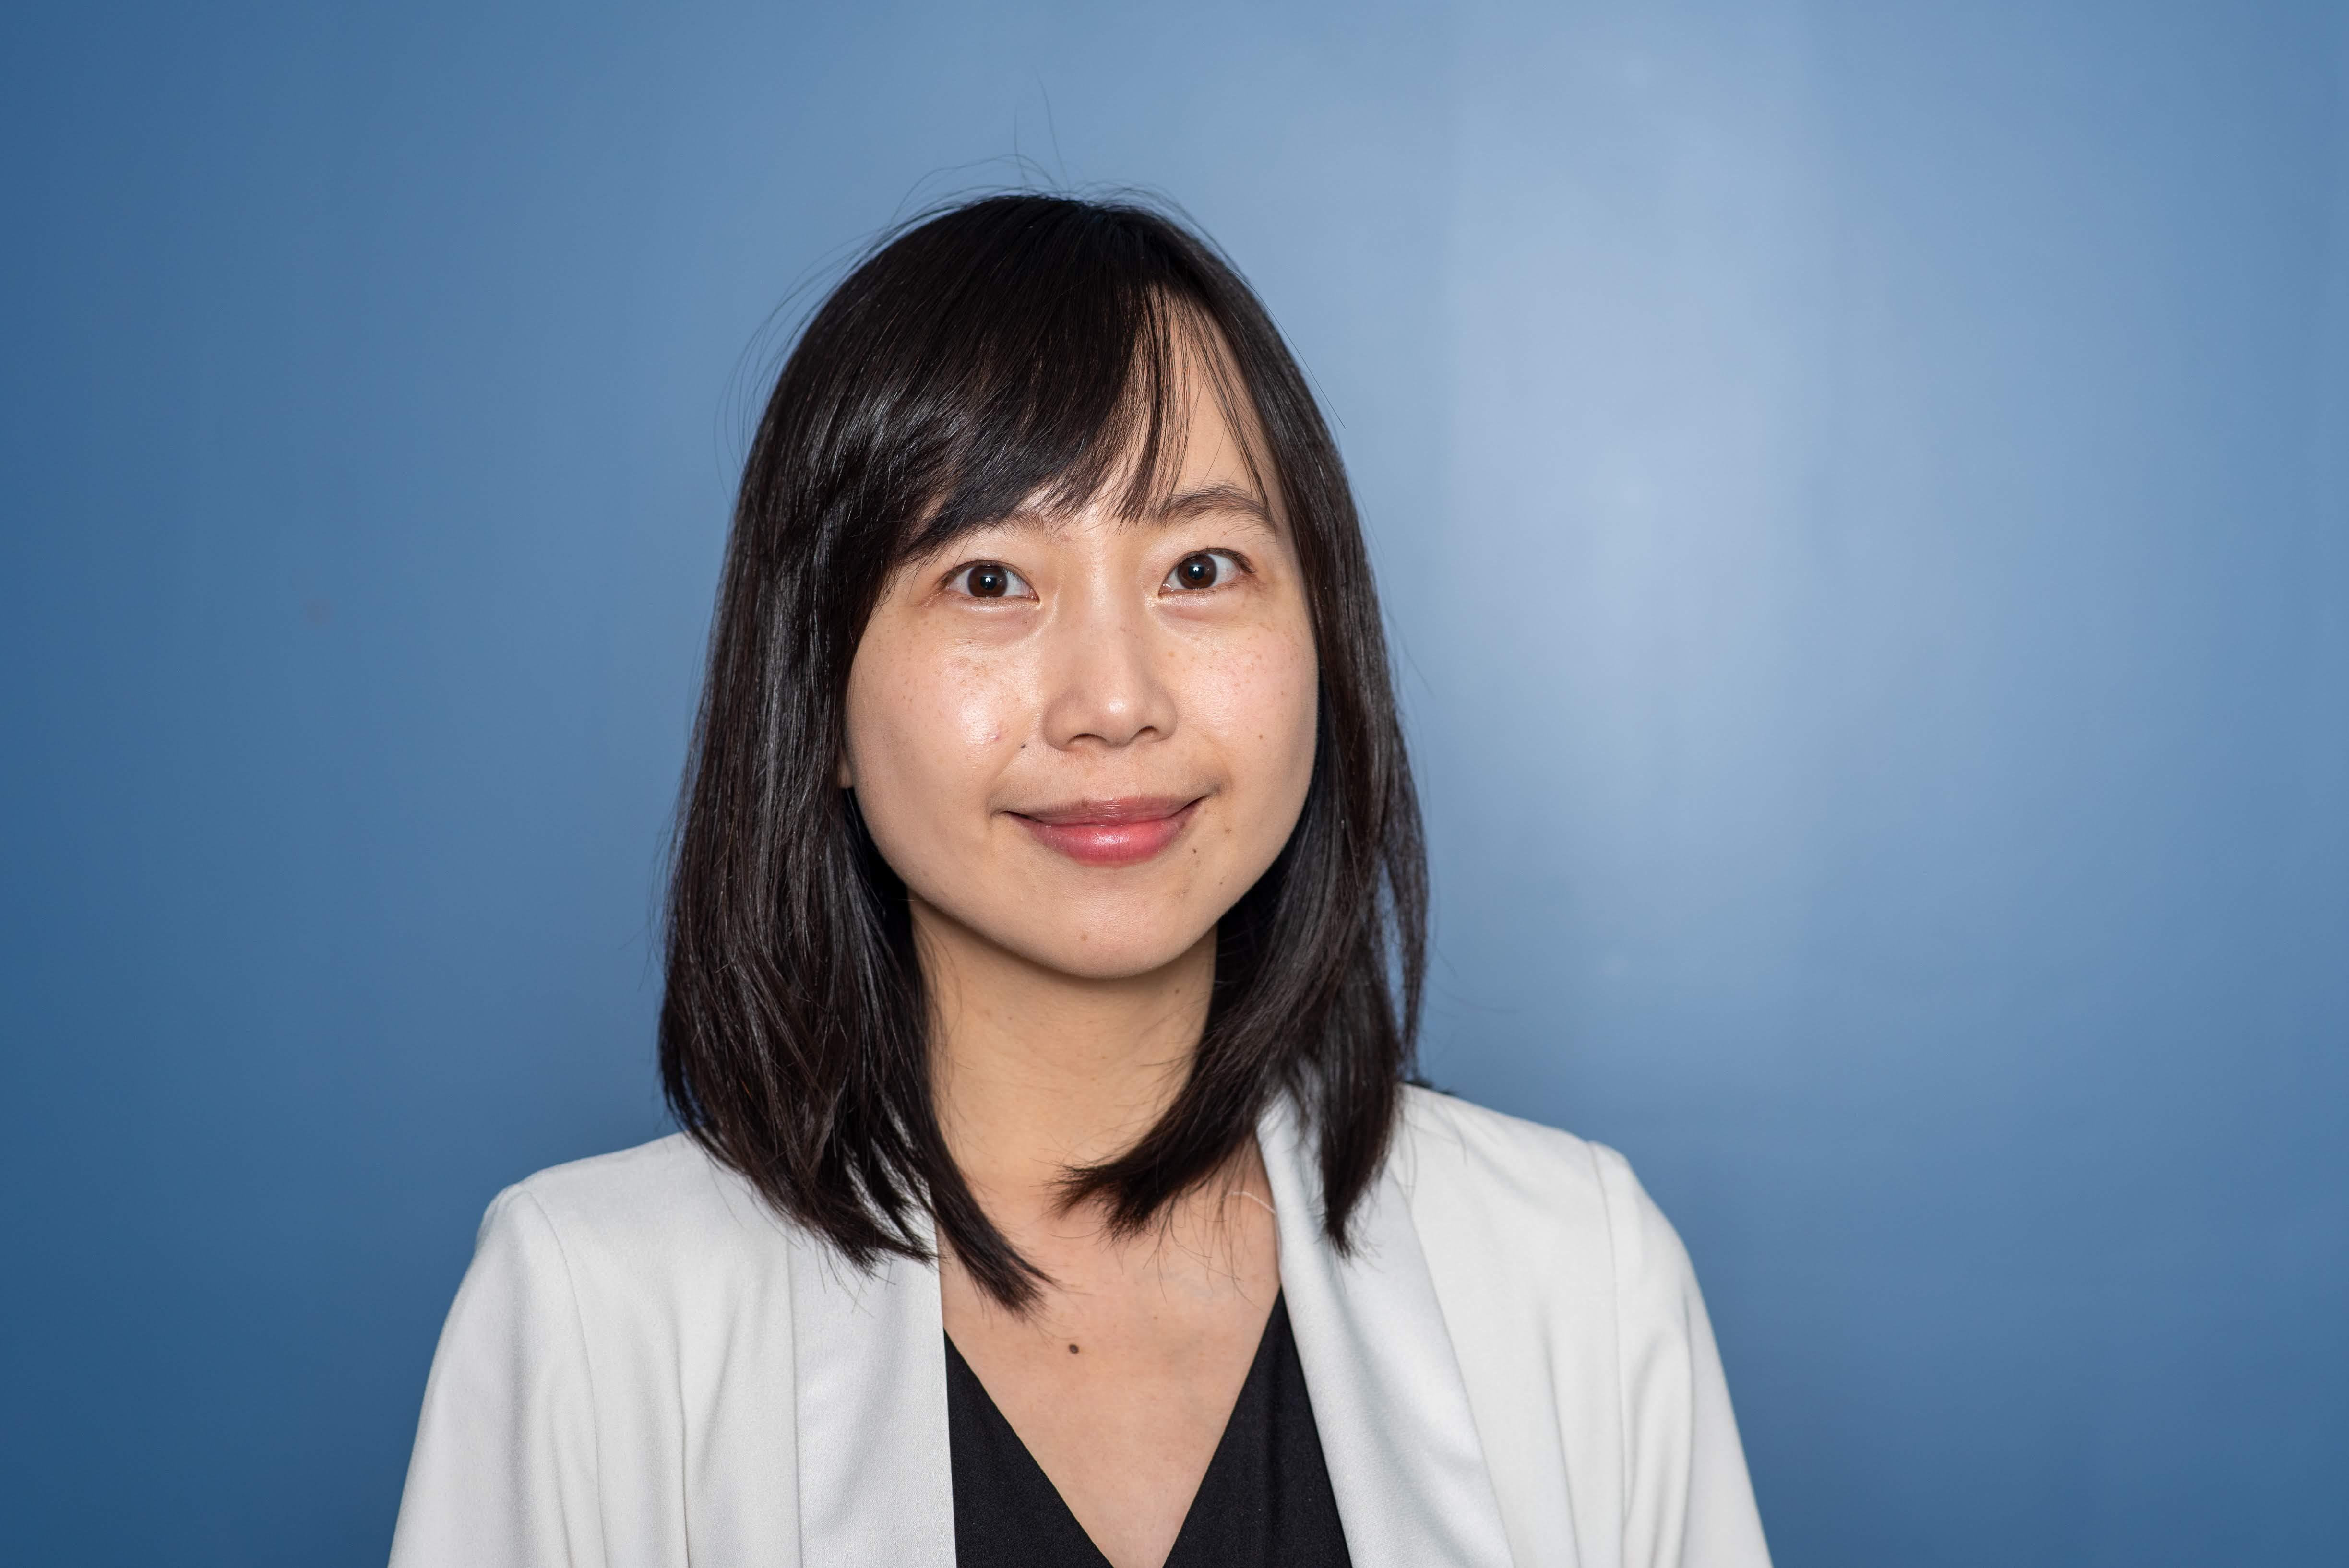 Professor Xu